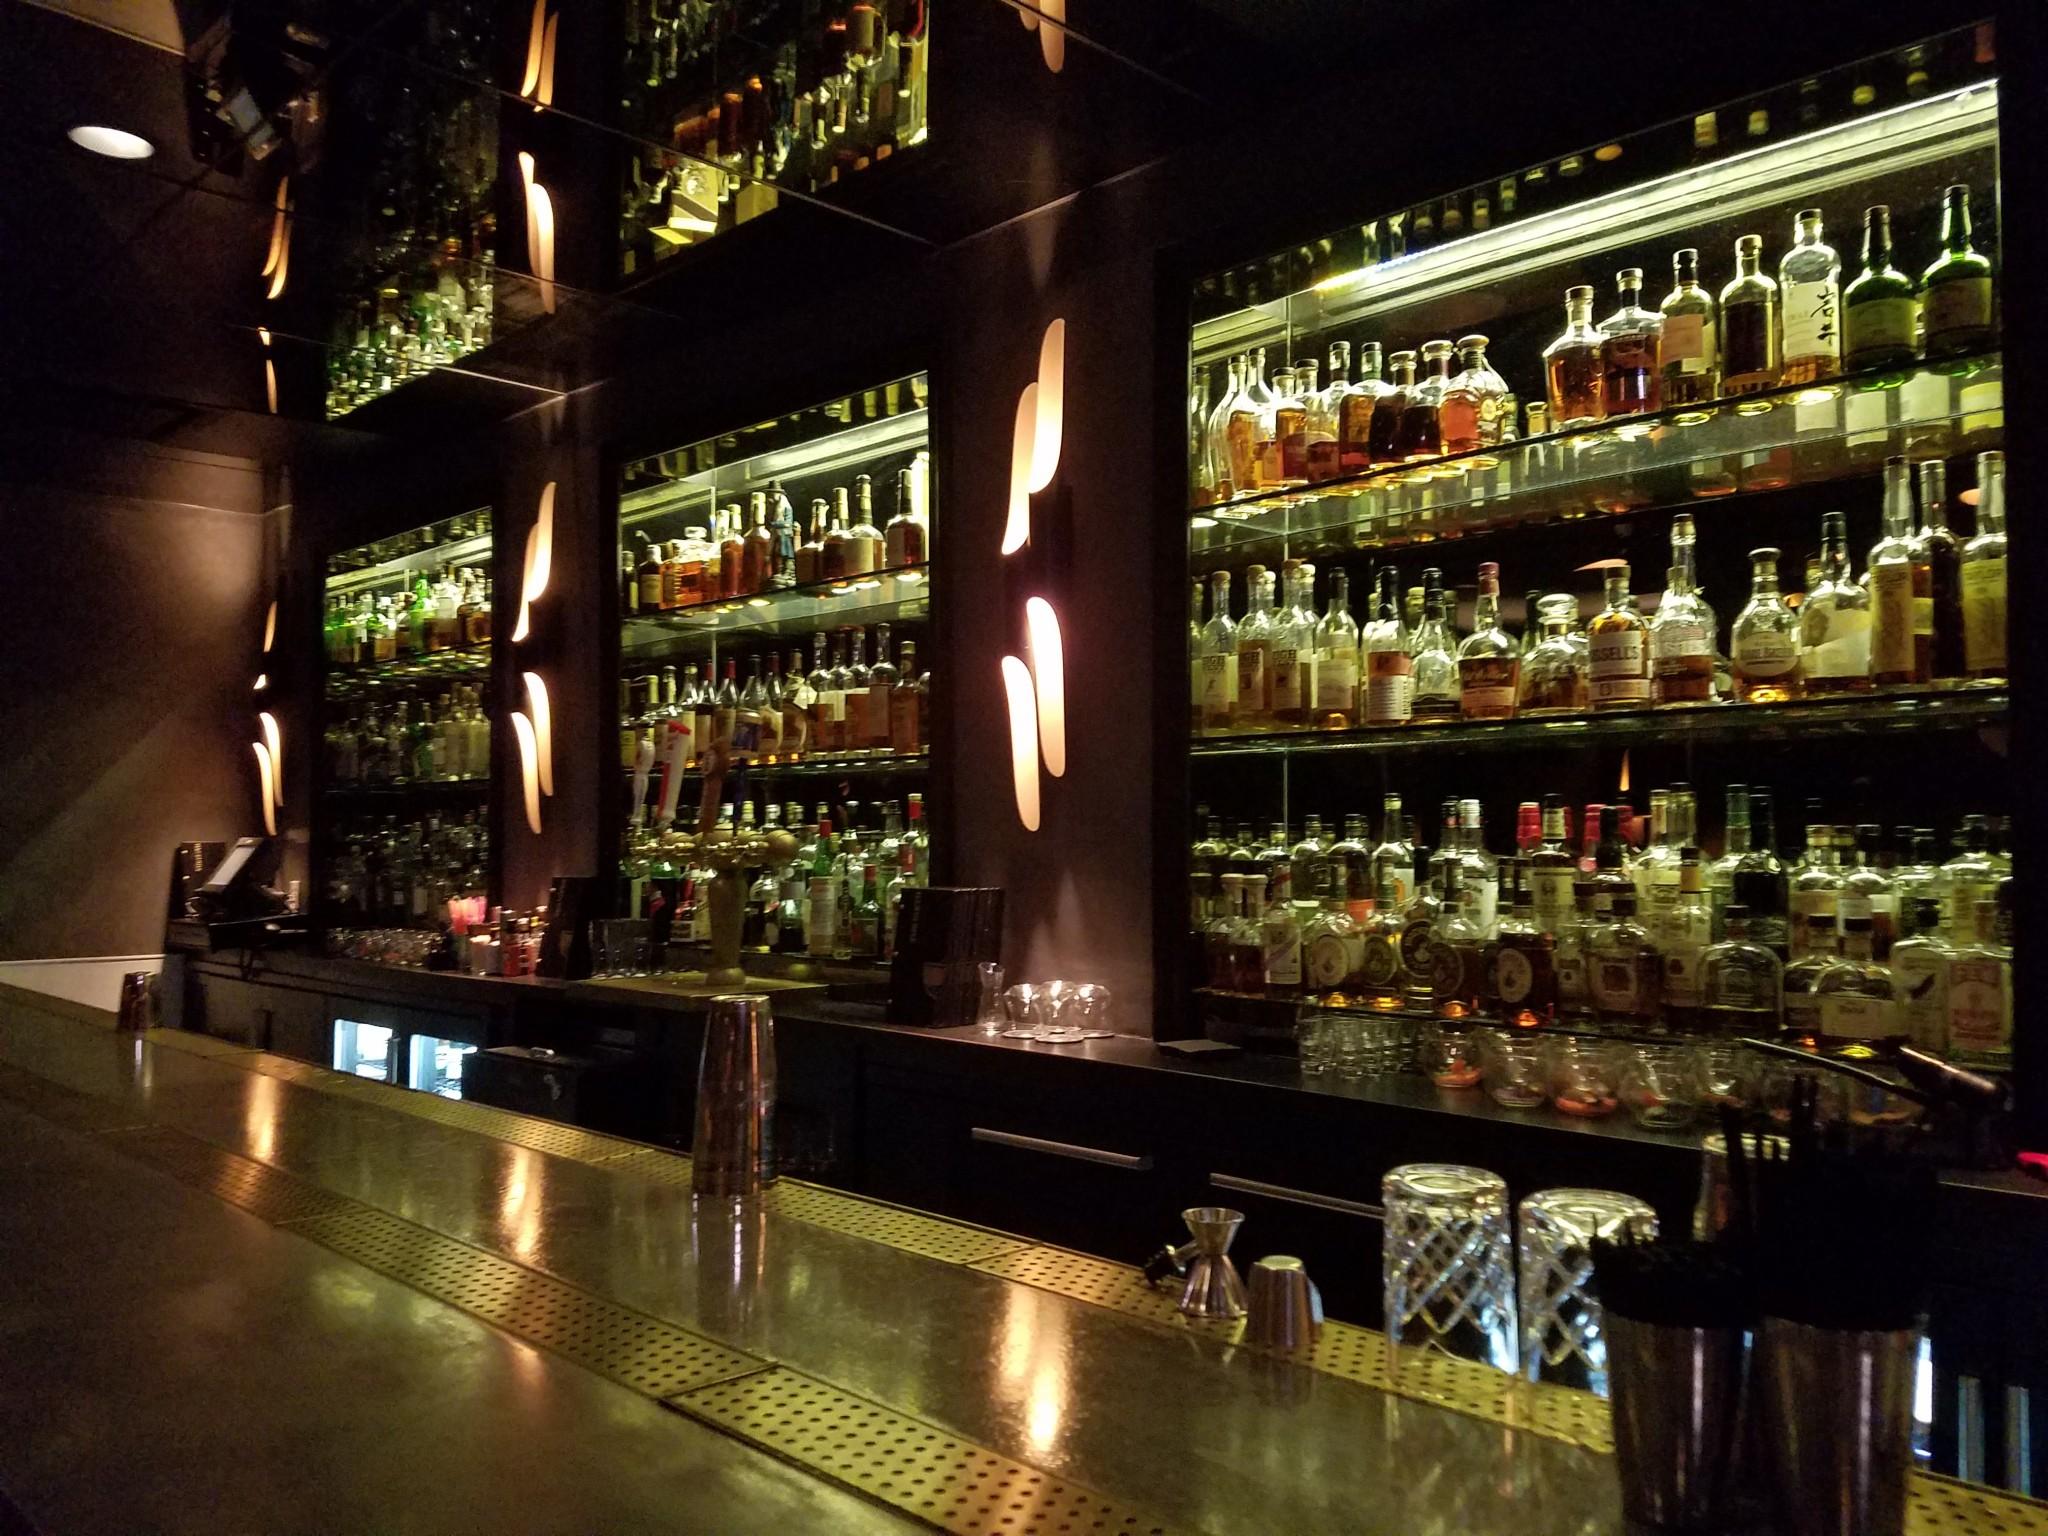 The bar at The Sixth